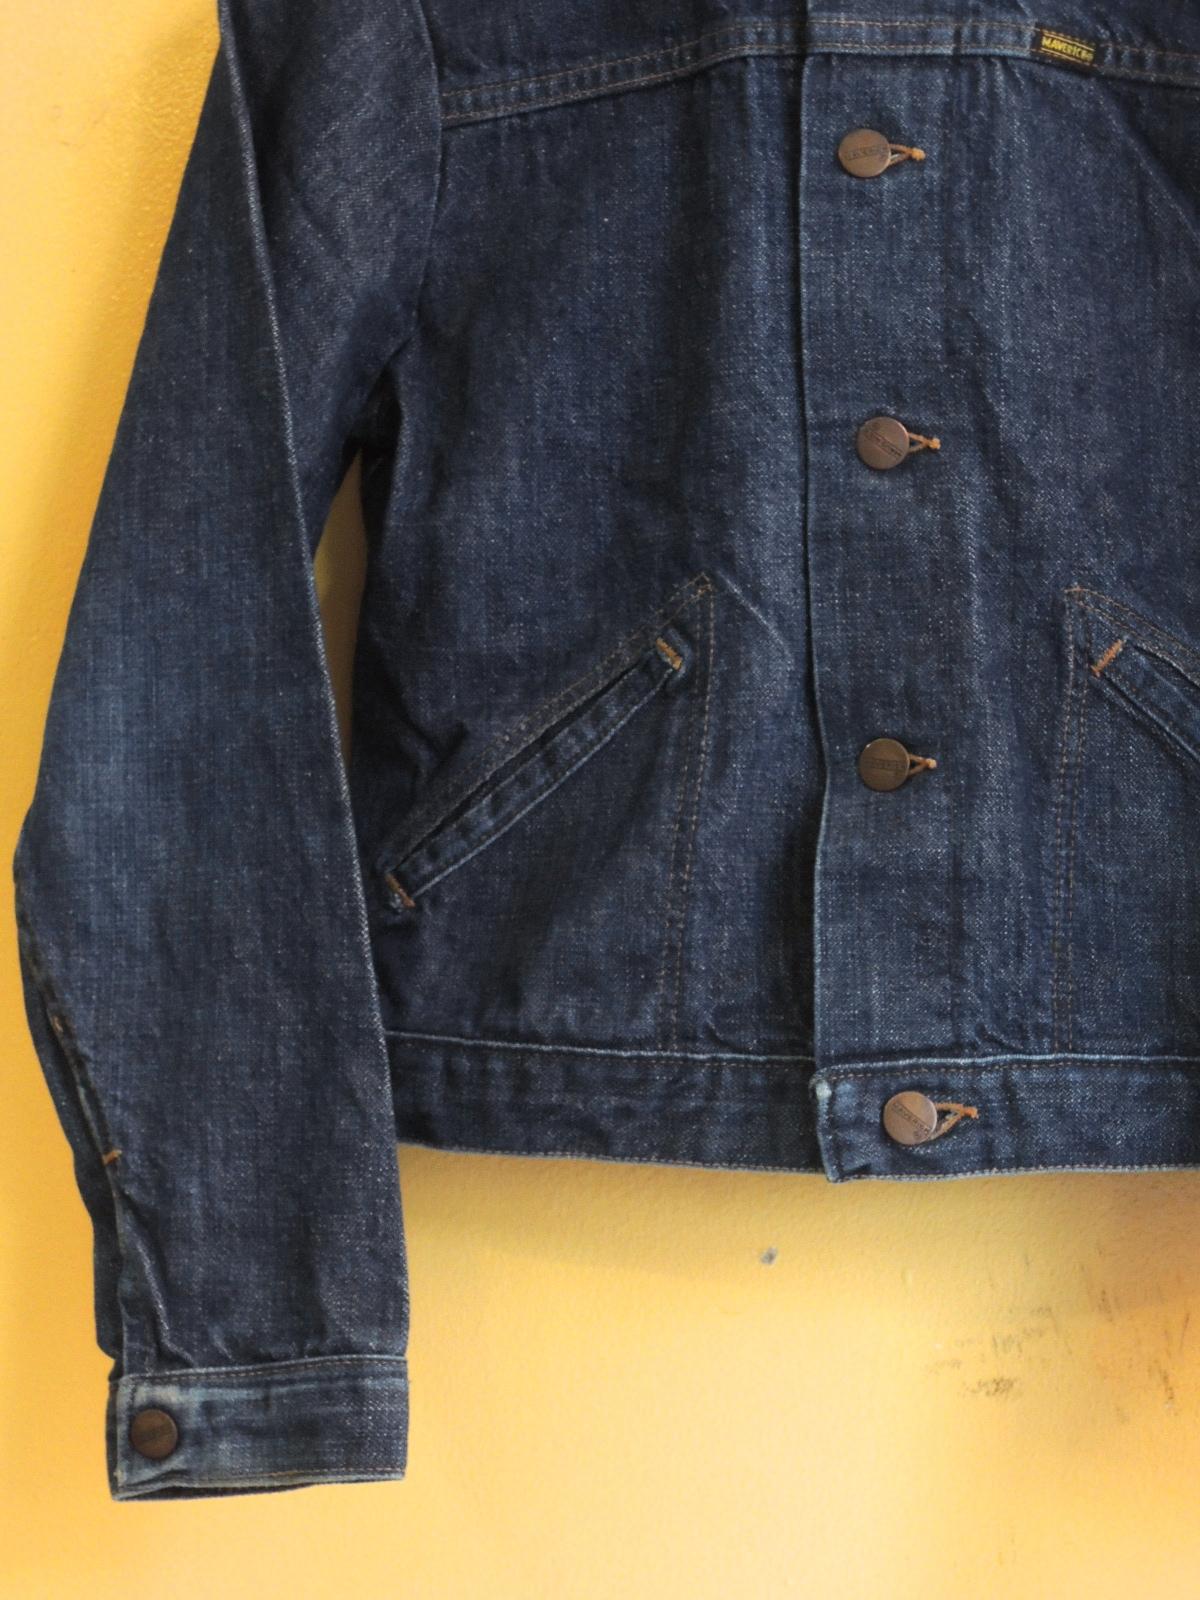 bluebelldenimjacket013.JPG